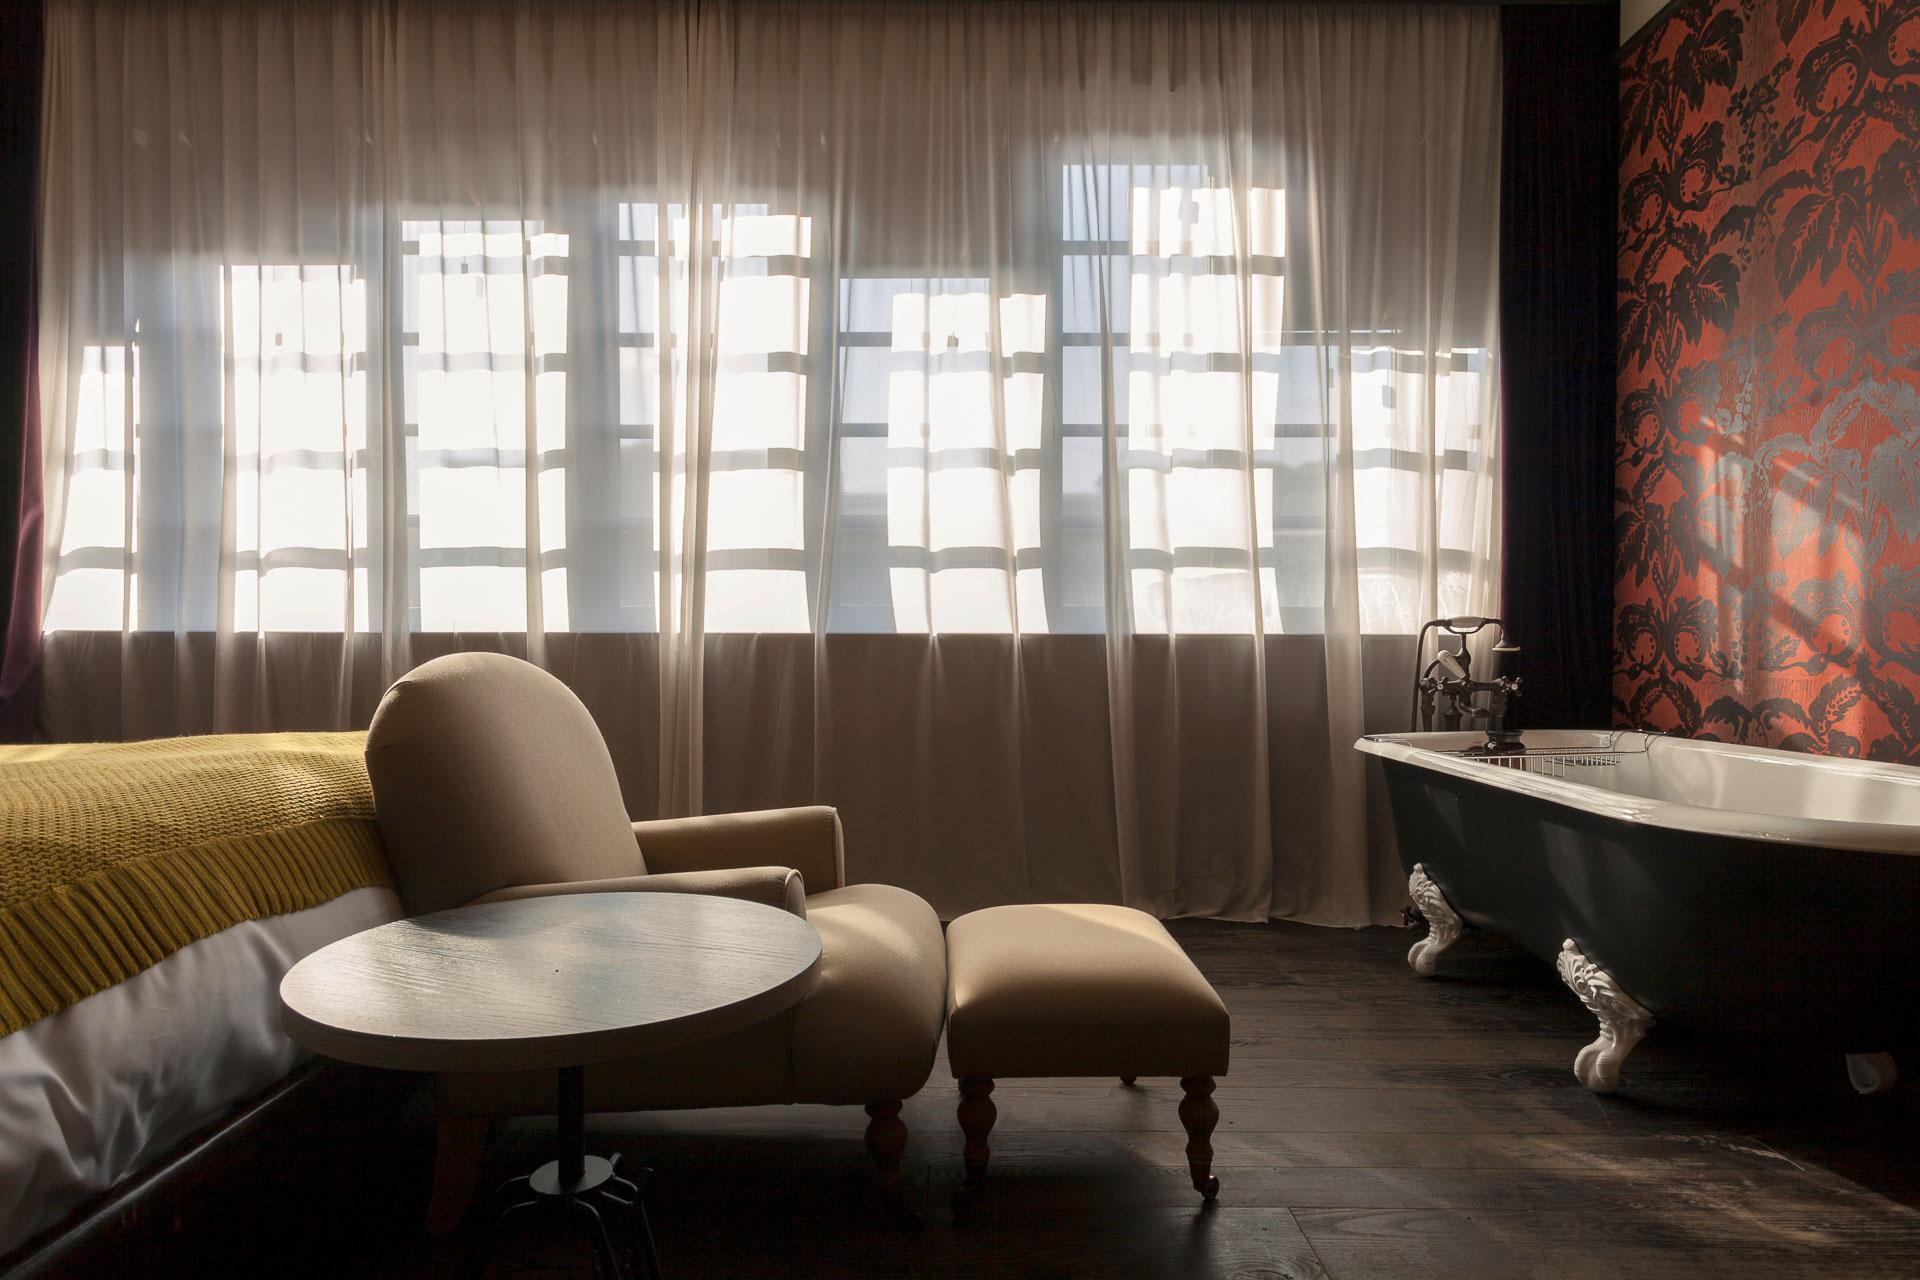 Palaces vieillissant et bâtiments à la raideur post-soviétique, voici ce à quoi ressemblait l'offre hôtelière de Tbillissi, des décennies,durant. Or voilà que depuis l'ouverture du Rooms Hotel en 2014, pionnier du genre, on voit fleurir à Tbilissi pléthore d'adresses design, chic ou branchées. Notre sélection.